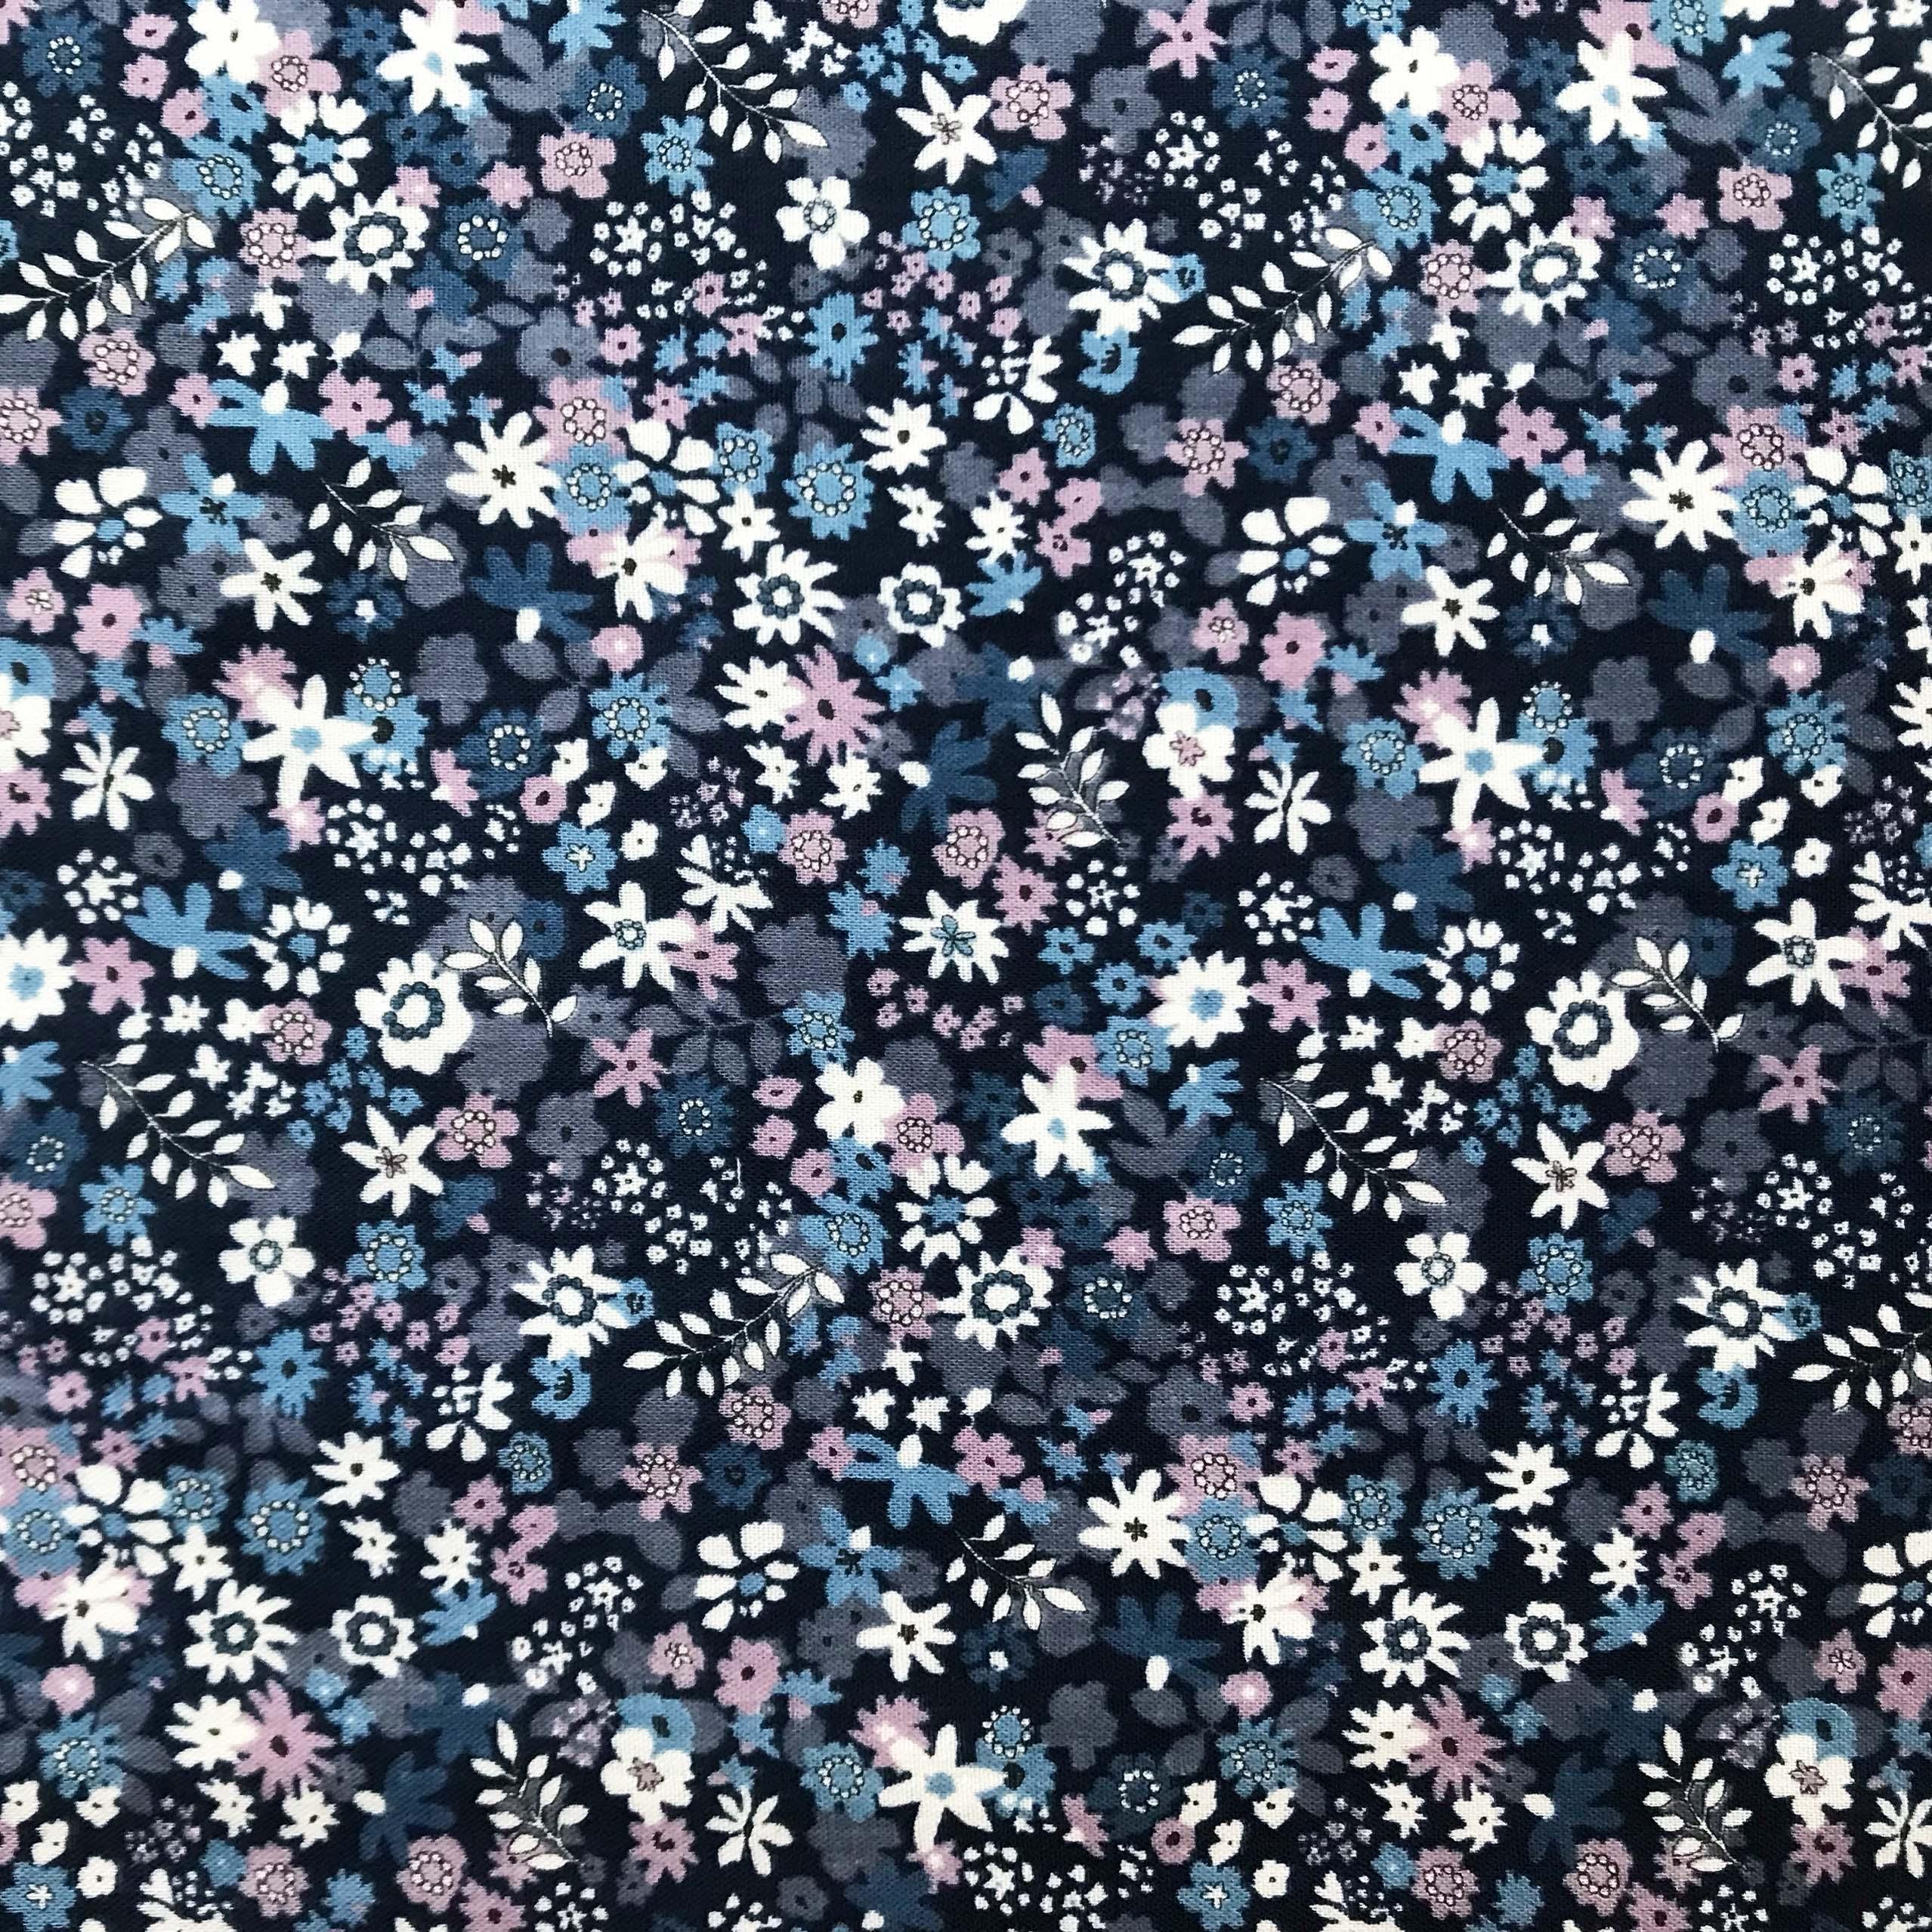 Baumwolle Musselin blau weiß rosafarbene Blümchen auf navy